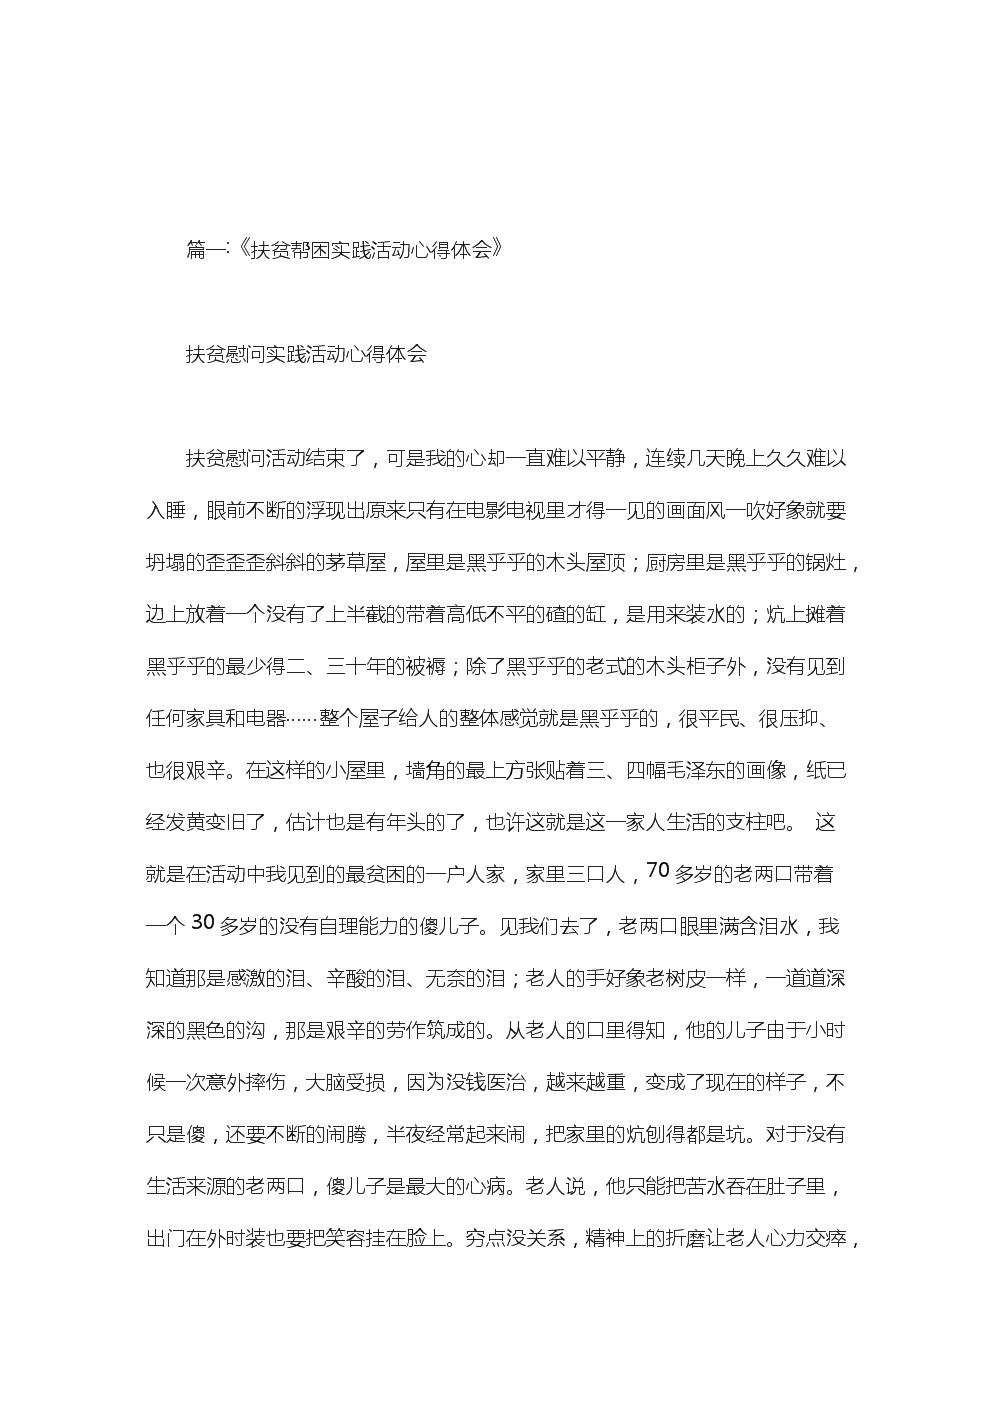 關于扶貧研討的心得體會.doc